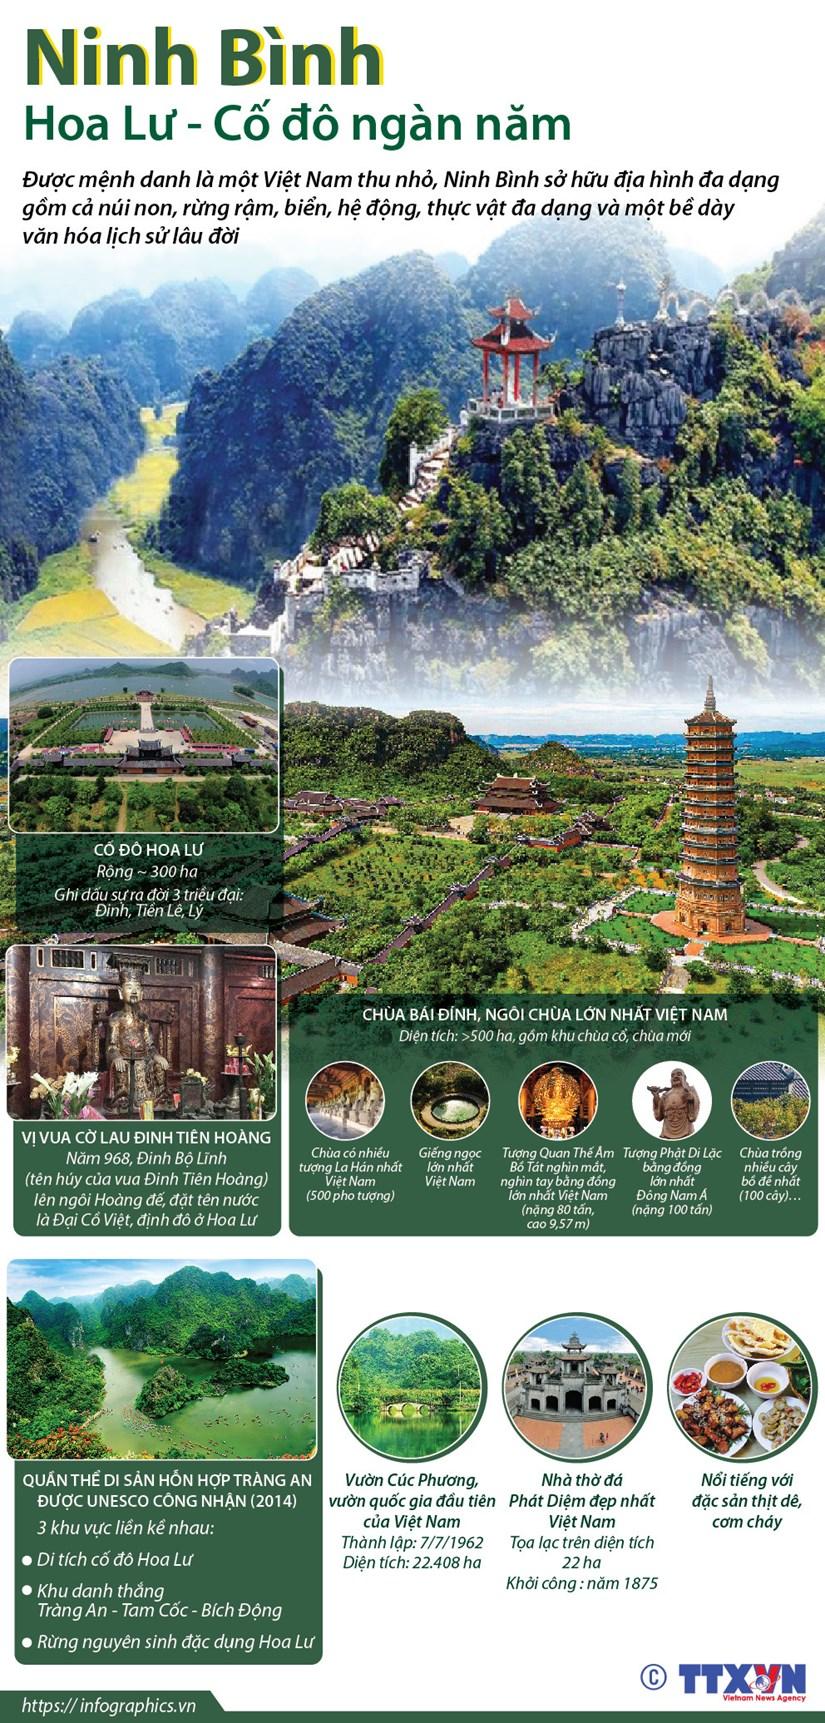 [Infographics] Ninh Binh: Hoa Lu - Co do ngan nam hinh anh 1